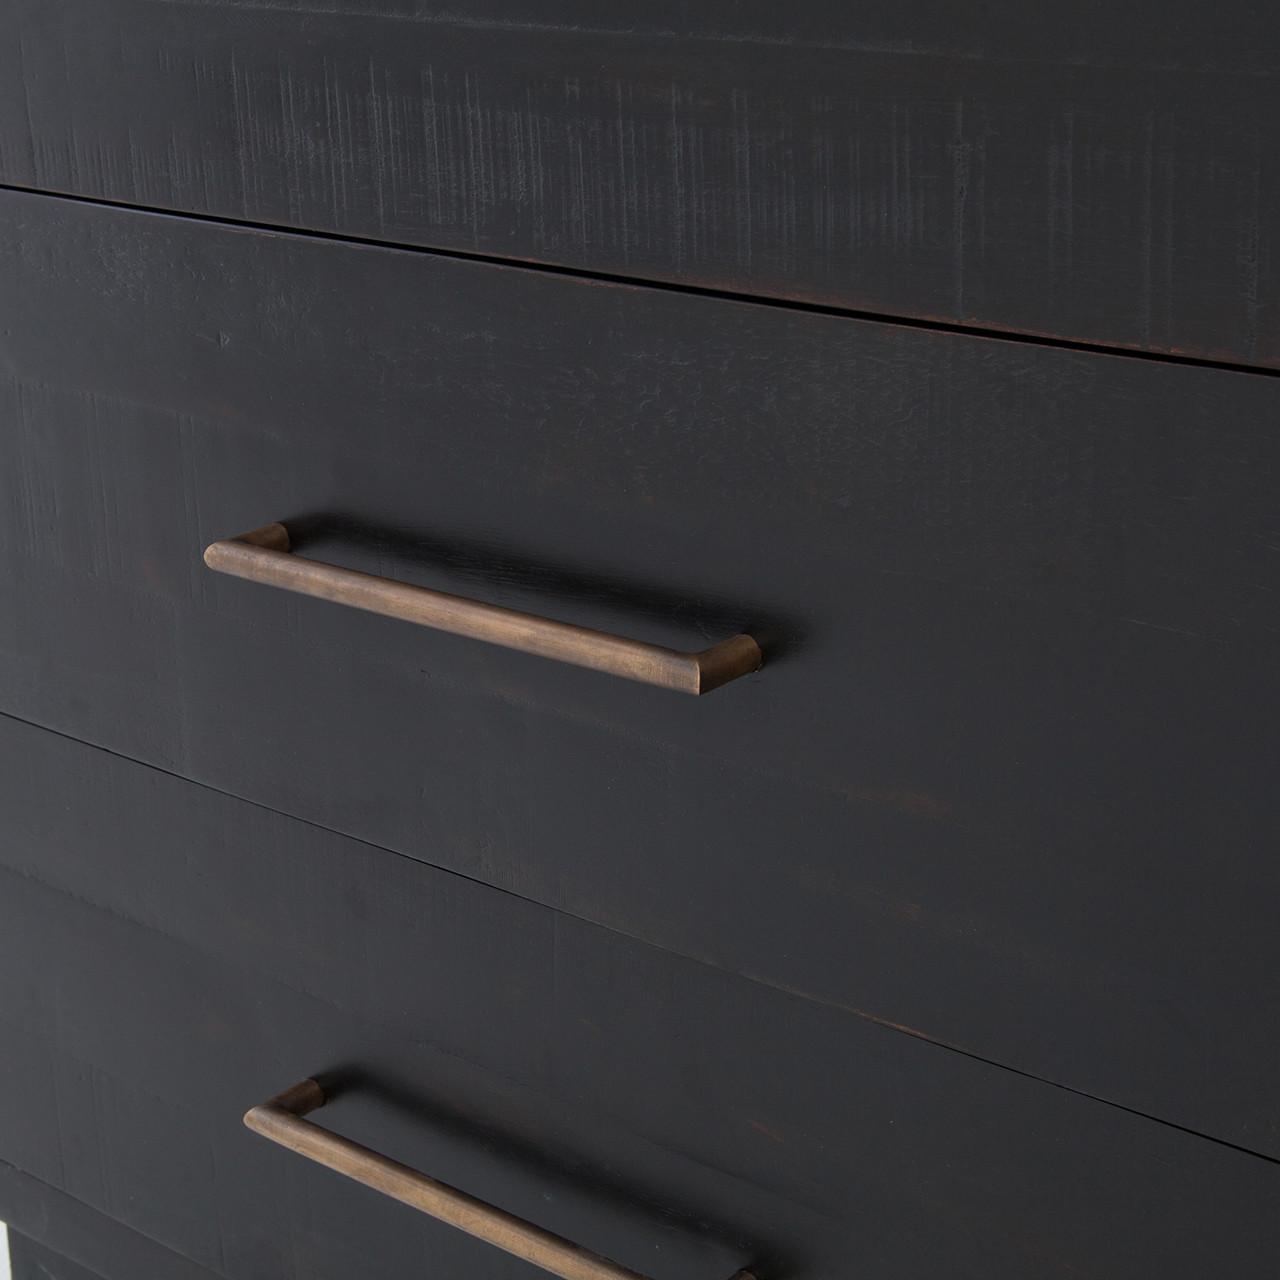 Sully 6 Drawer Dresser - Black